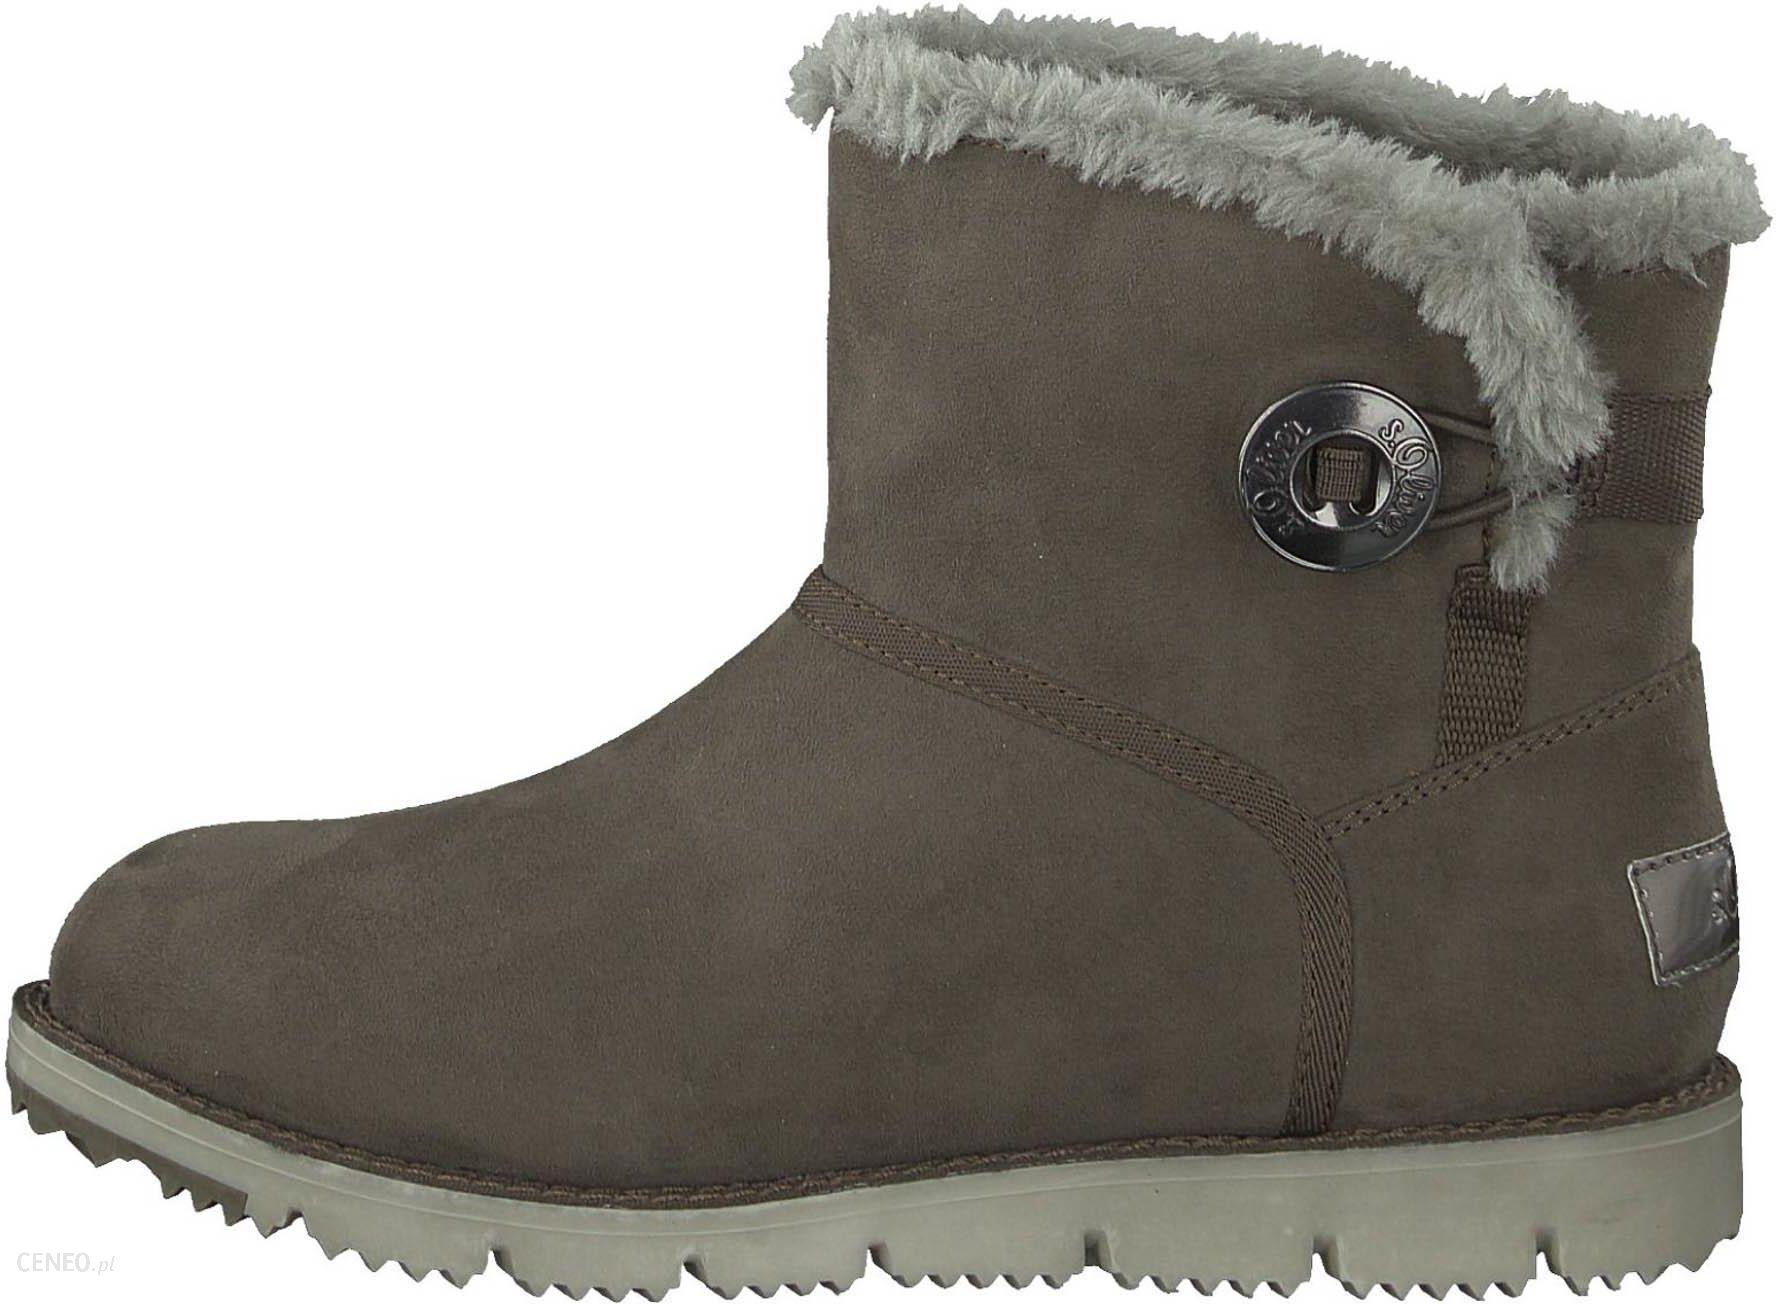 c00ac44f S.Oliver buty zimowe damskie 40 brązowy - Ceny i opinie - Ceneo.pl